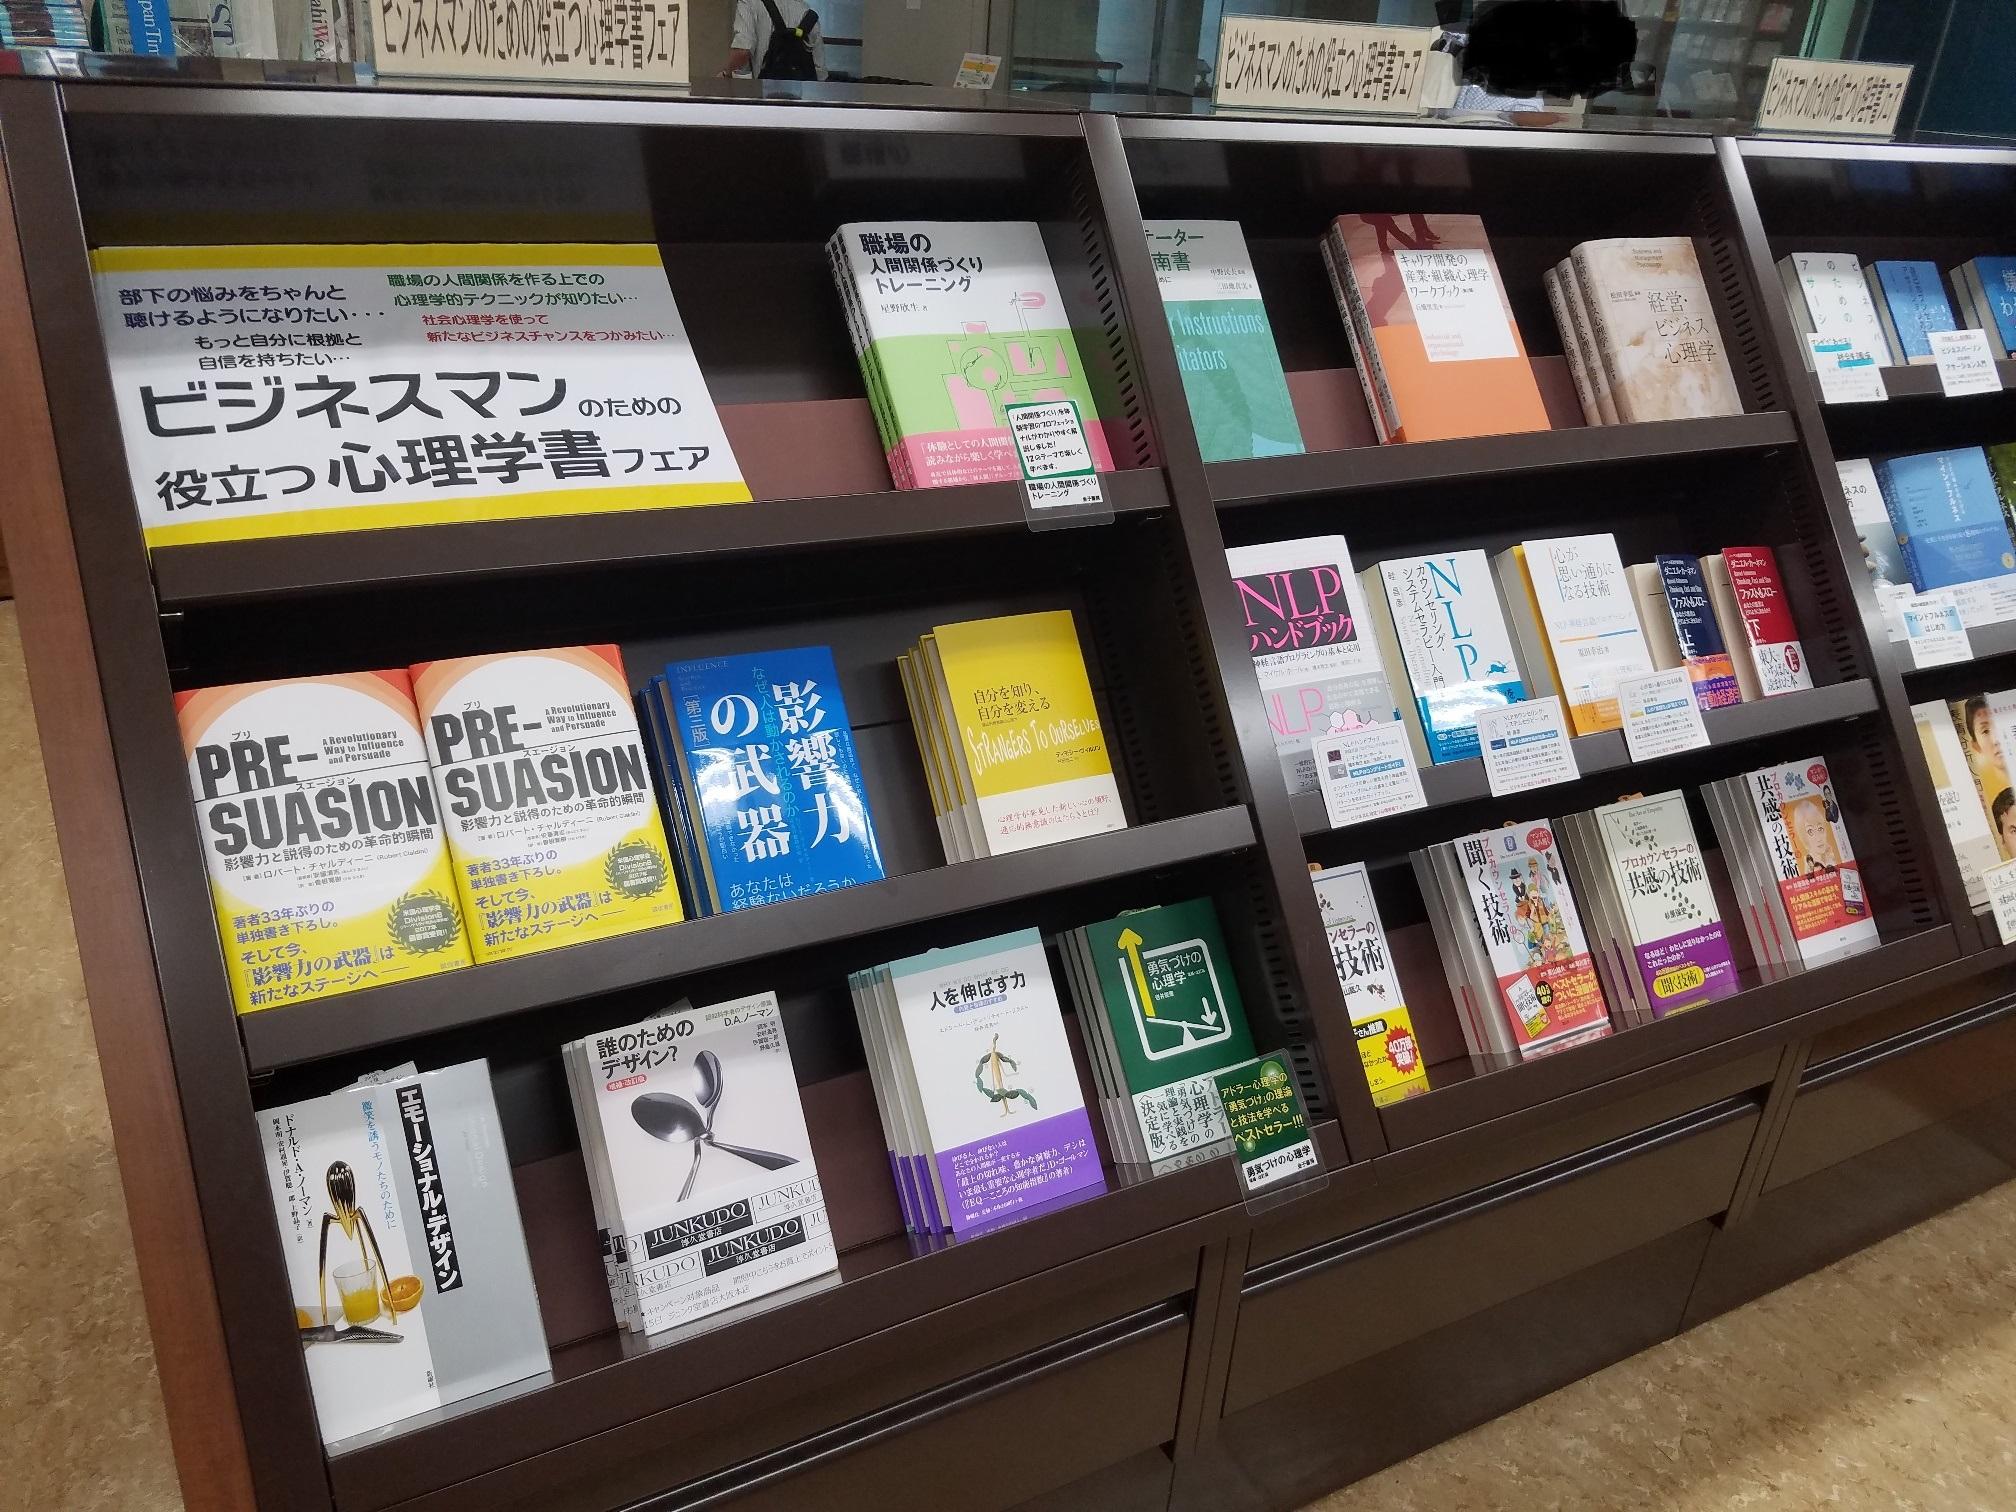 本店 大阪 ジュンク 堂